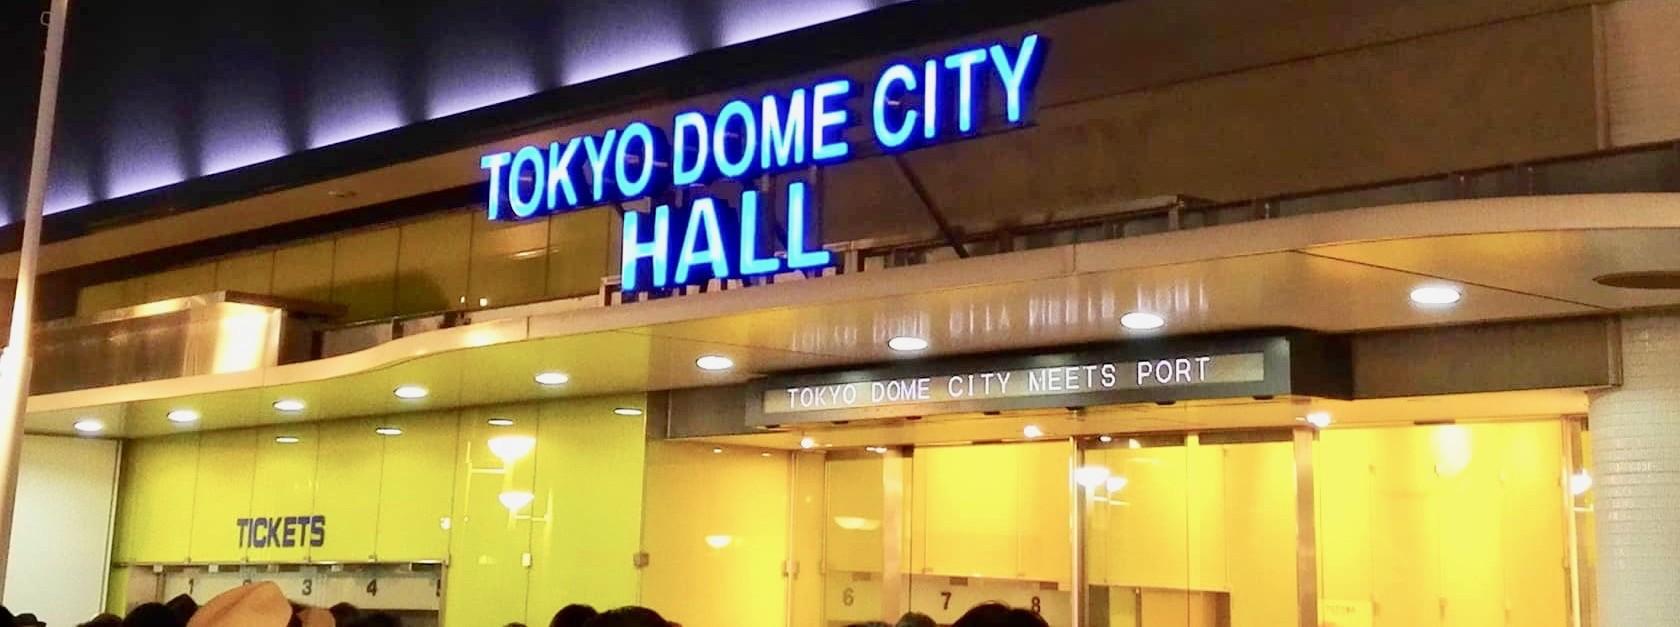 東京ドームシティ 割引 混雑